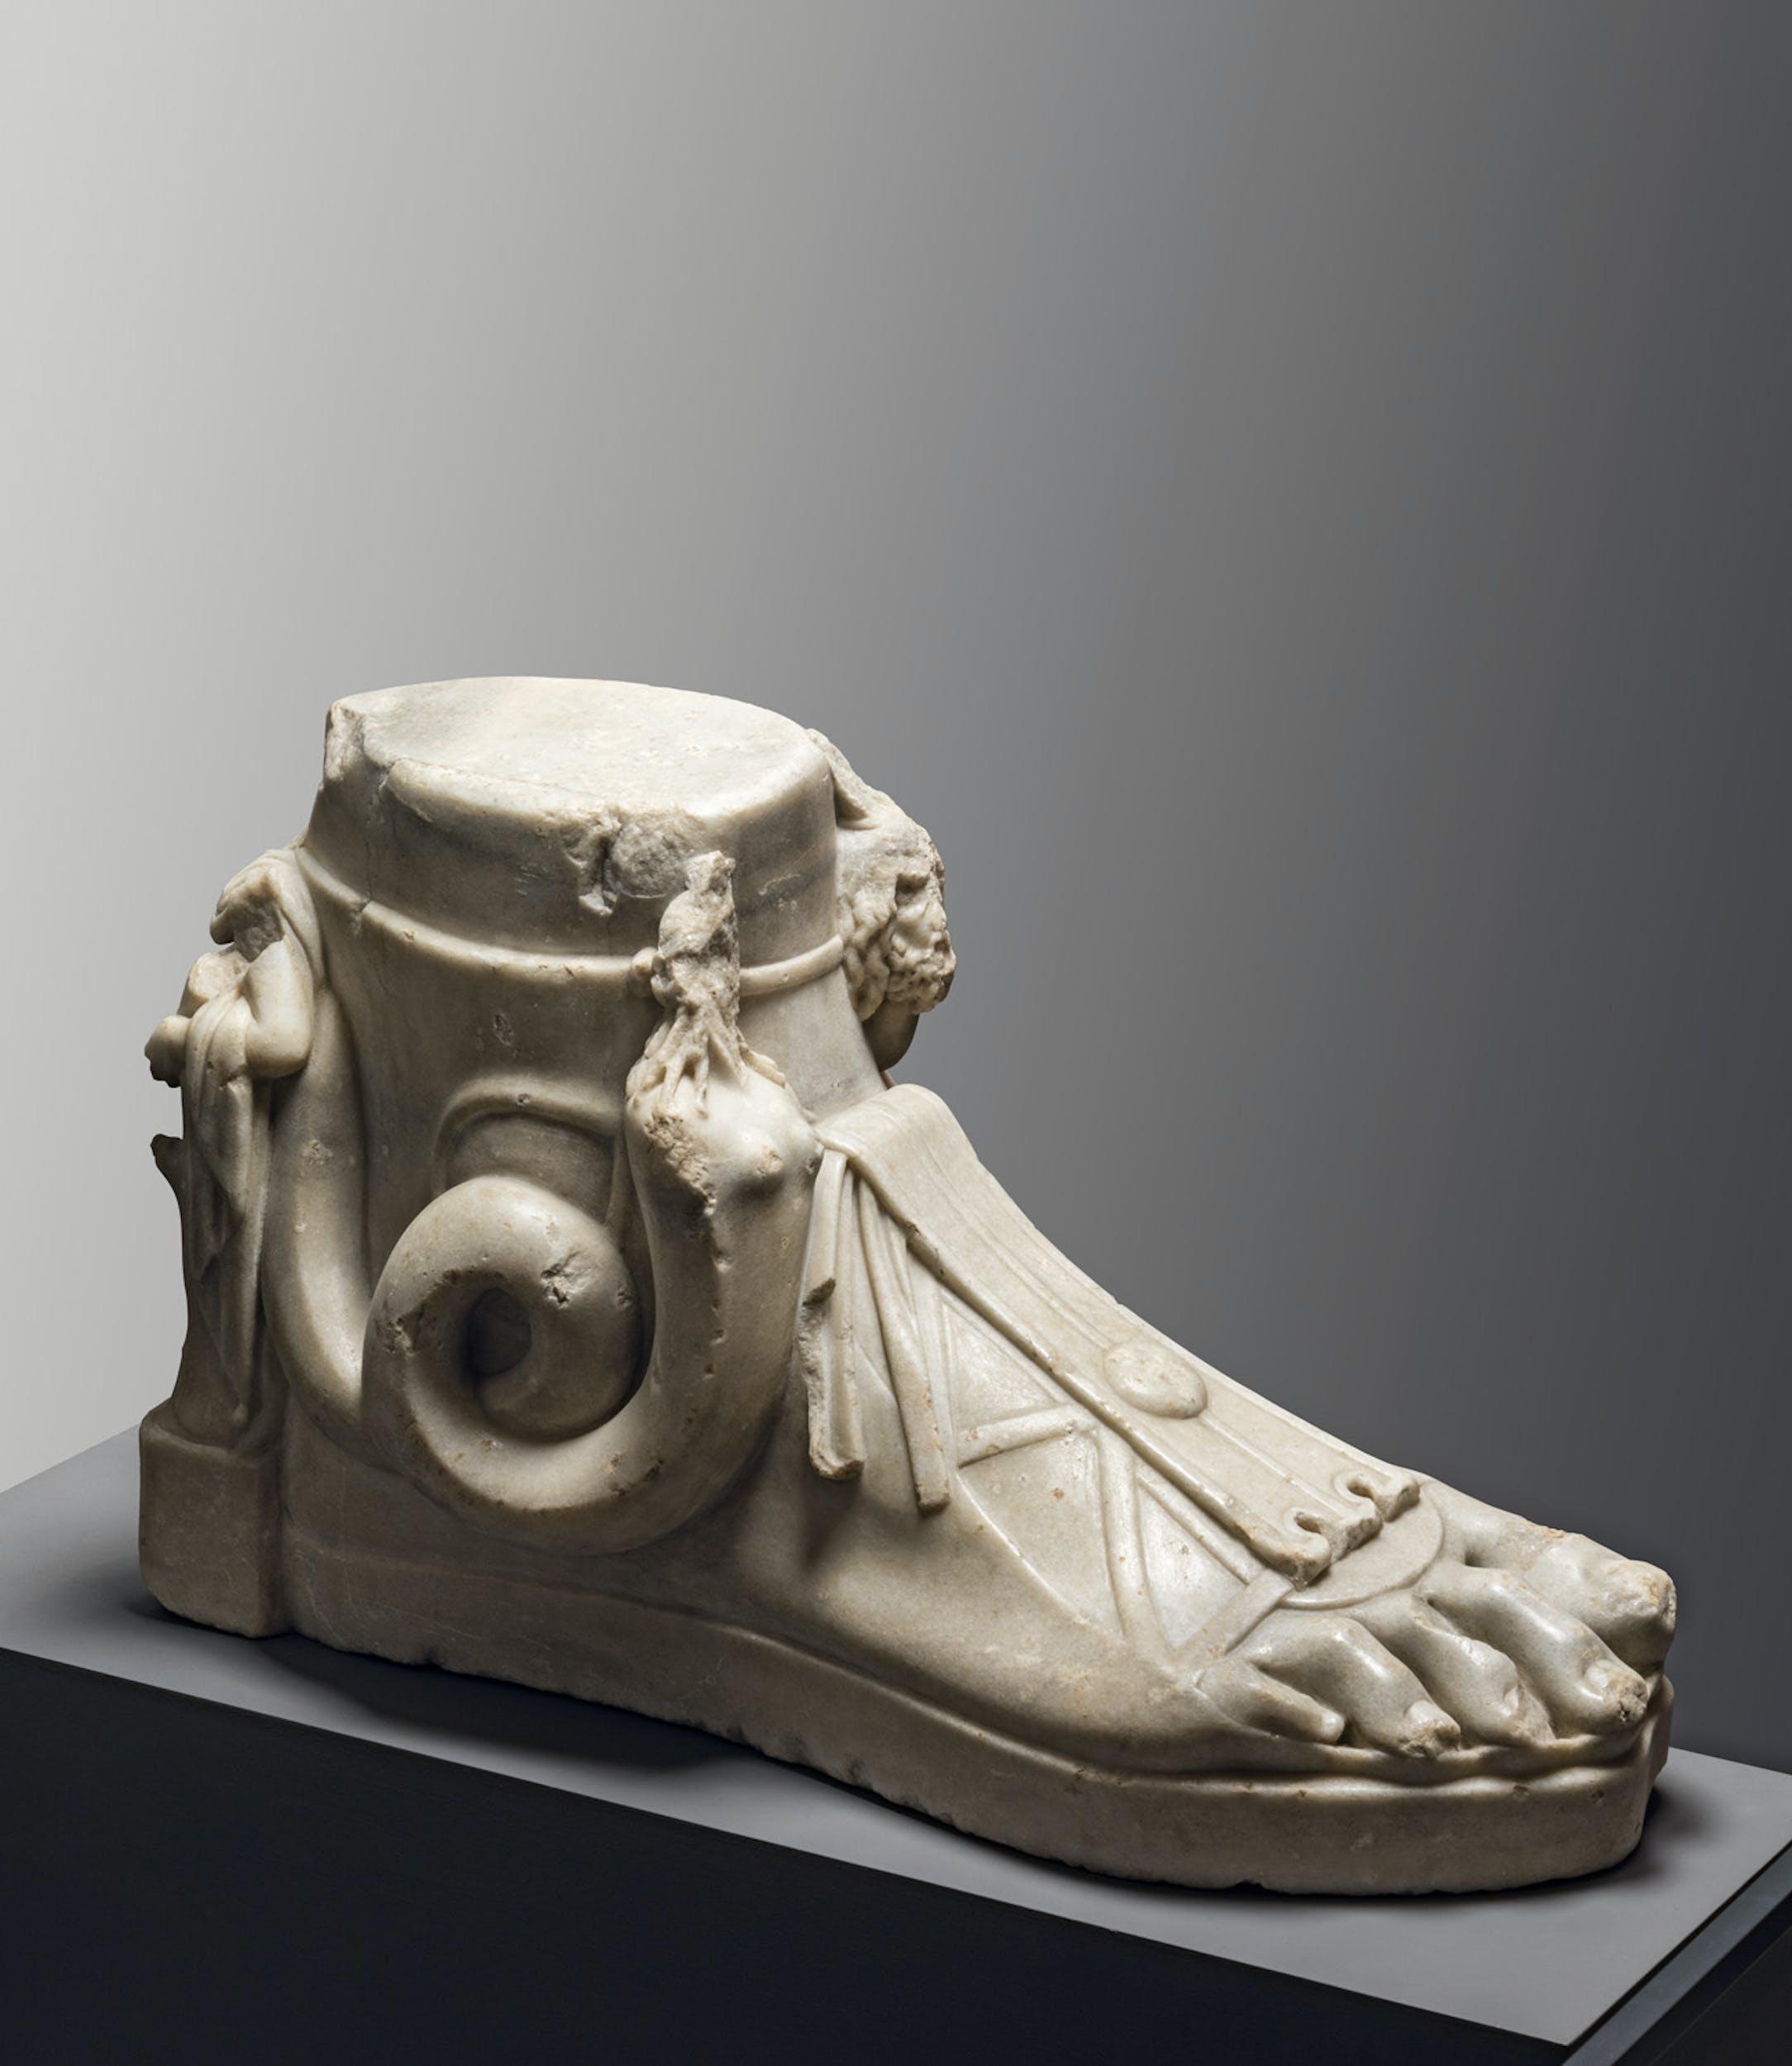 Piede votivo dedicato a Serapide, Iside e Arpocrate marmo II-III sec. d.C Museo Egizio, Torino I Votive foot dedicated to Serapis, Isis and Harpocrates 2nd – 3rd century AD marble Museo Egizio, Turin